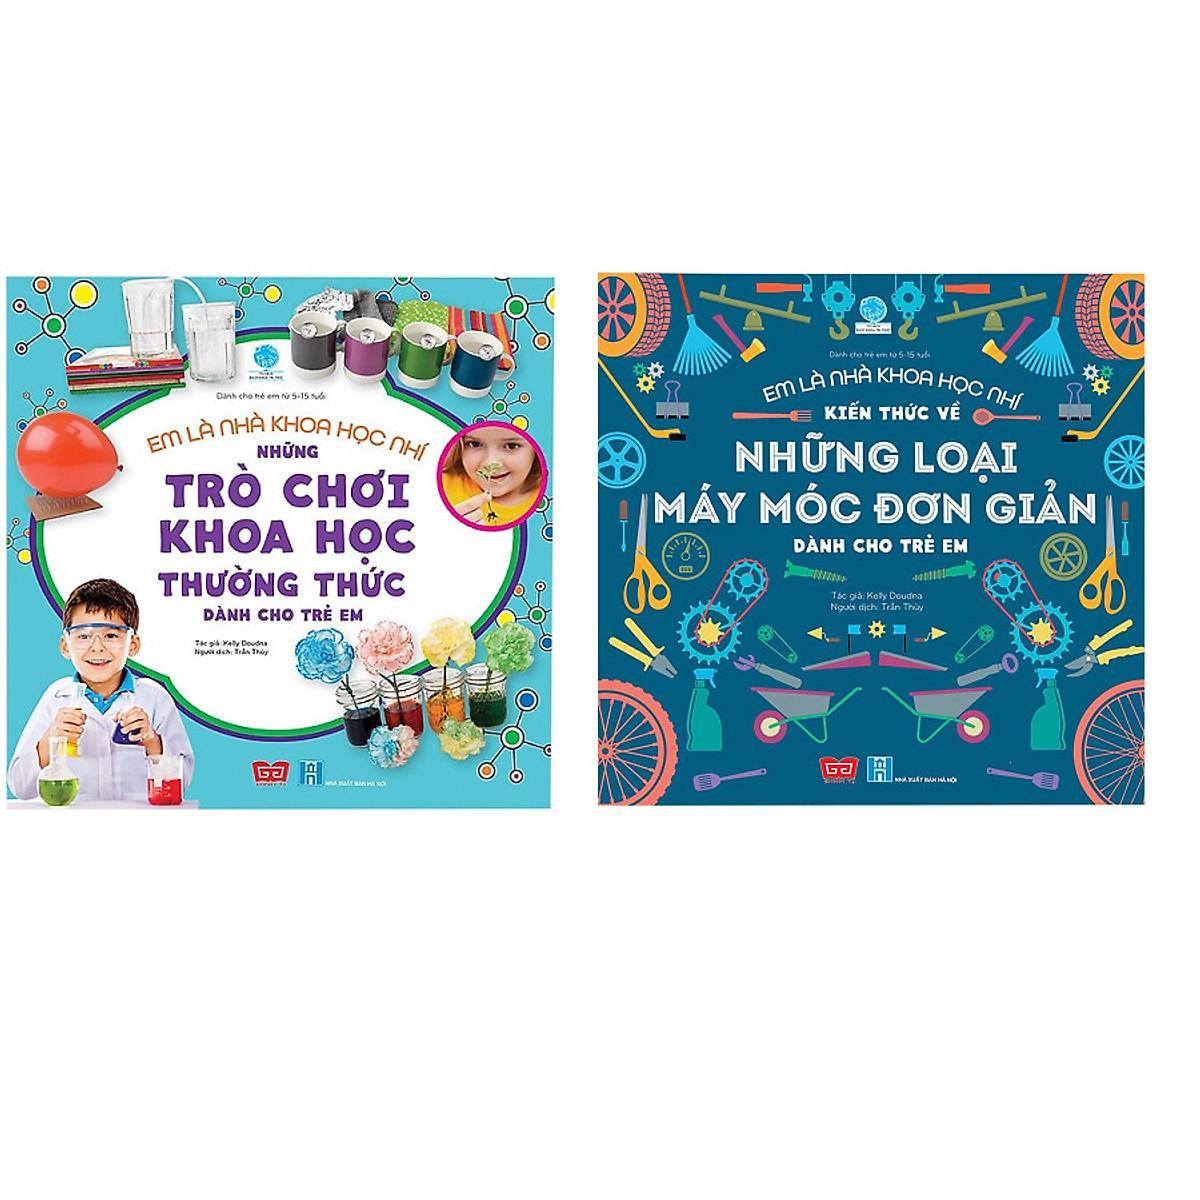 Combo 2 cuốn sách giúp bé bước vào thế giới khoa học đầy kỳ thú : Em là nhà khoa học nhí - Những trò chơi khoa học thường thức dành cho trẻ em